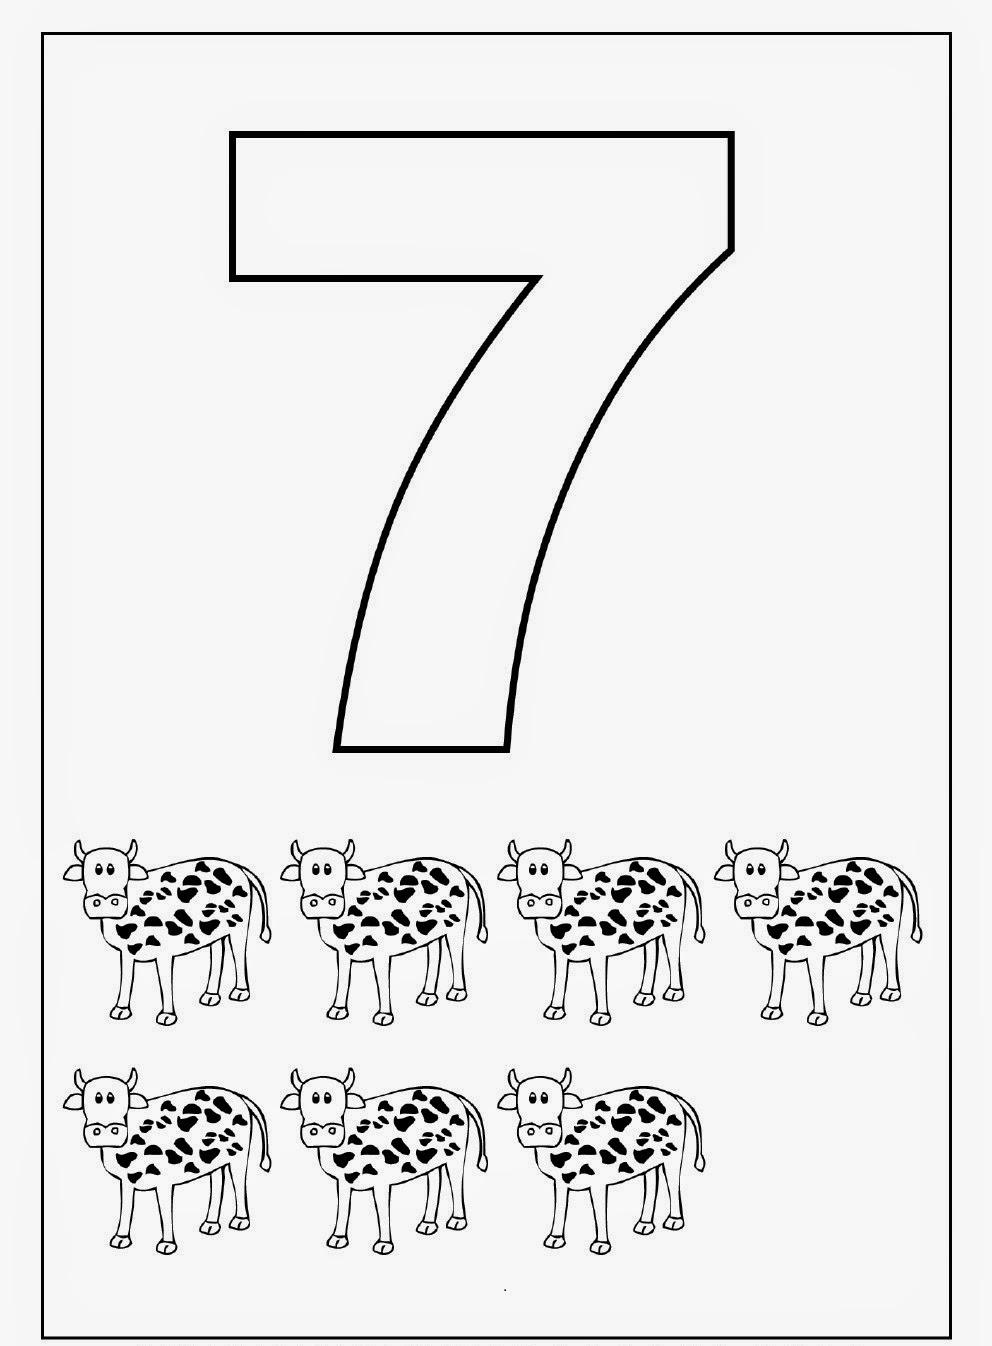 Kindergarten Worksheets: Coloring Worksheets - Maths 1-10